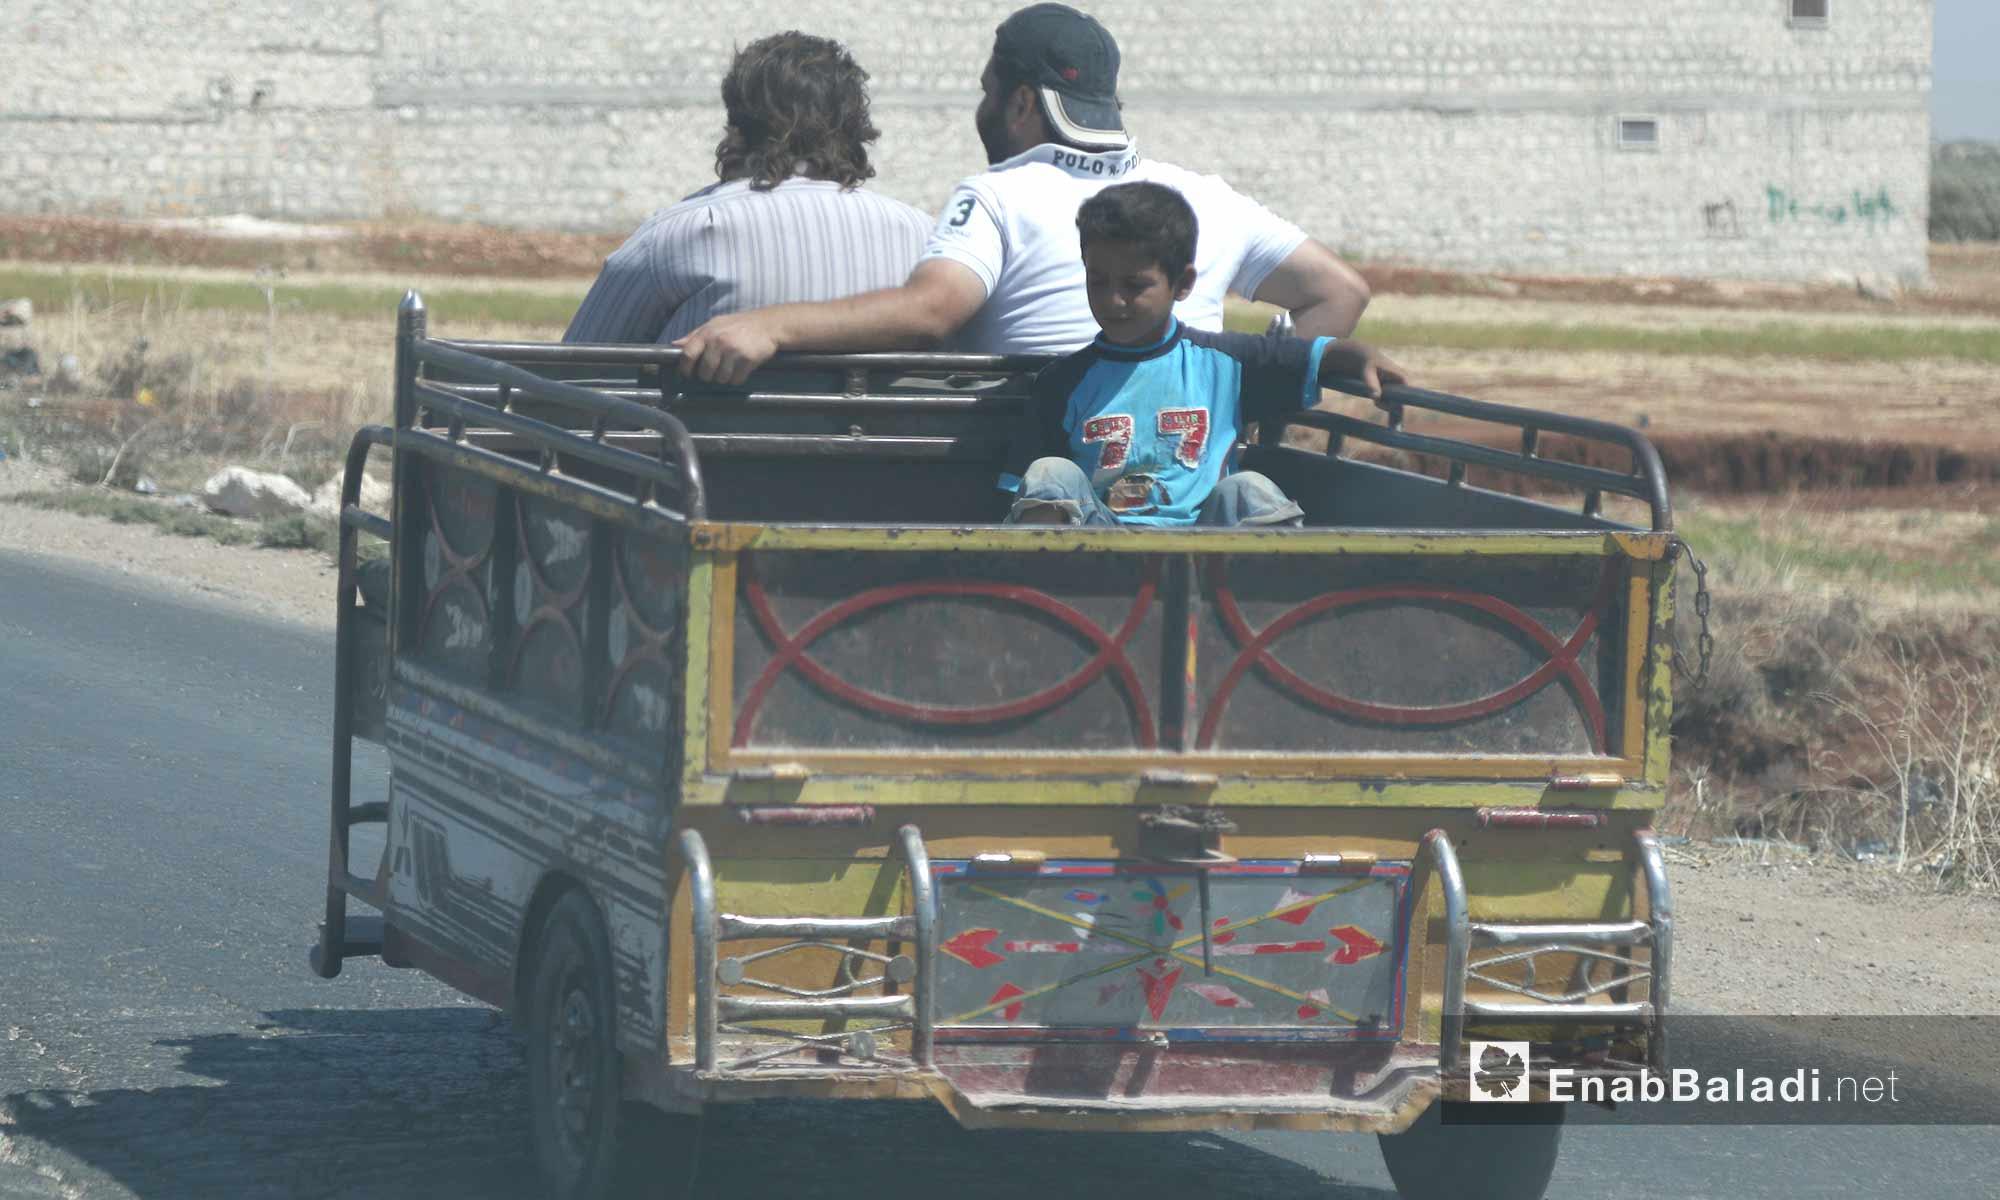 صاحب شحنة يقود شاحنته المشهورة الانتشار في مدينة الأتارب بحلب - 3 آب 2017 (عنب بلدي)